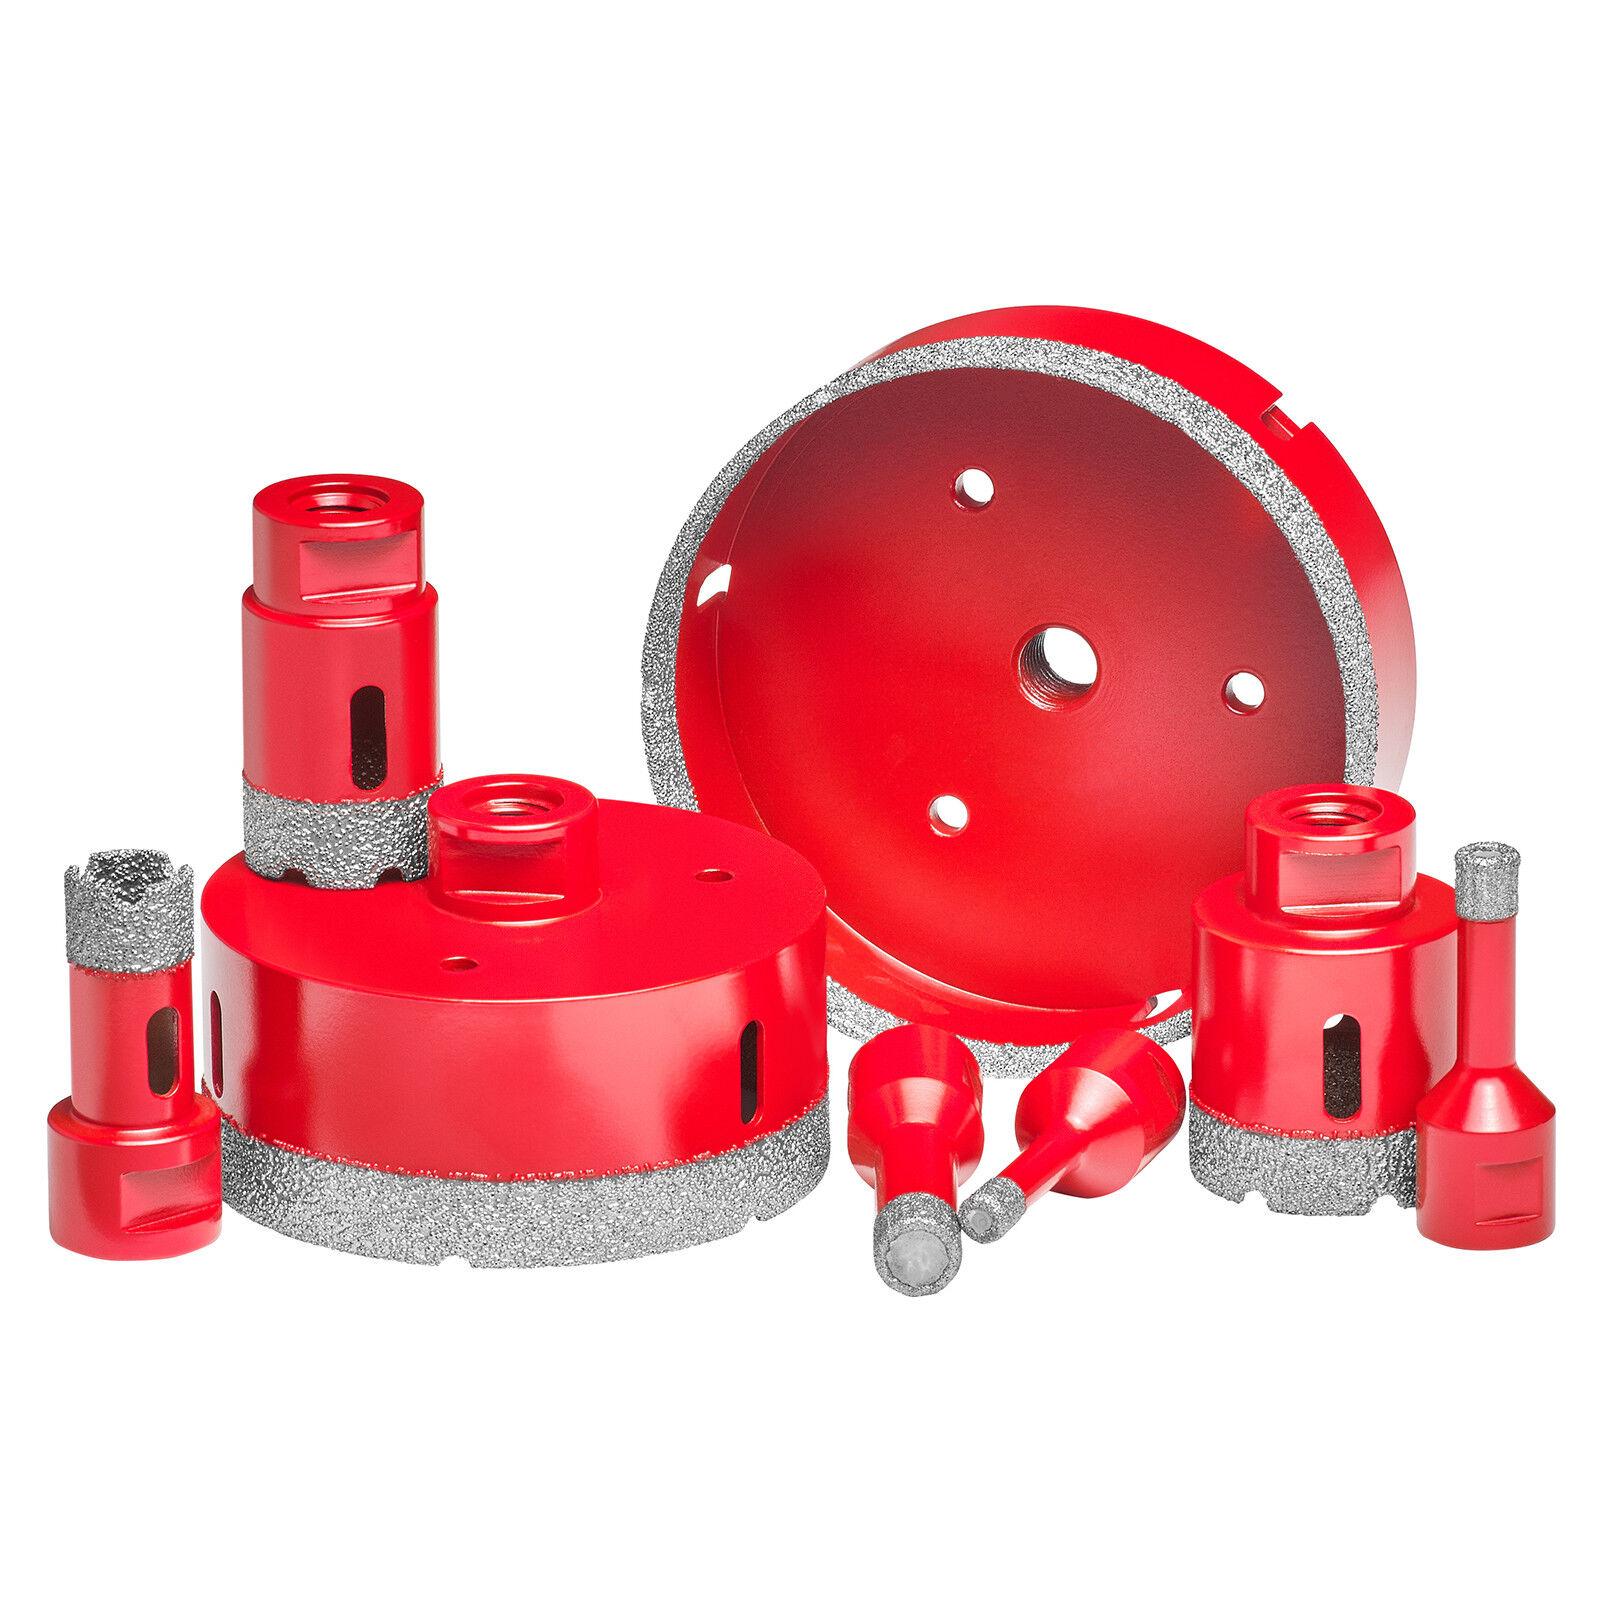 Roterberg® Ø 6-125 mm Couronne diamantée Trépan M14 scie cloche à sec et à eau